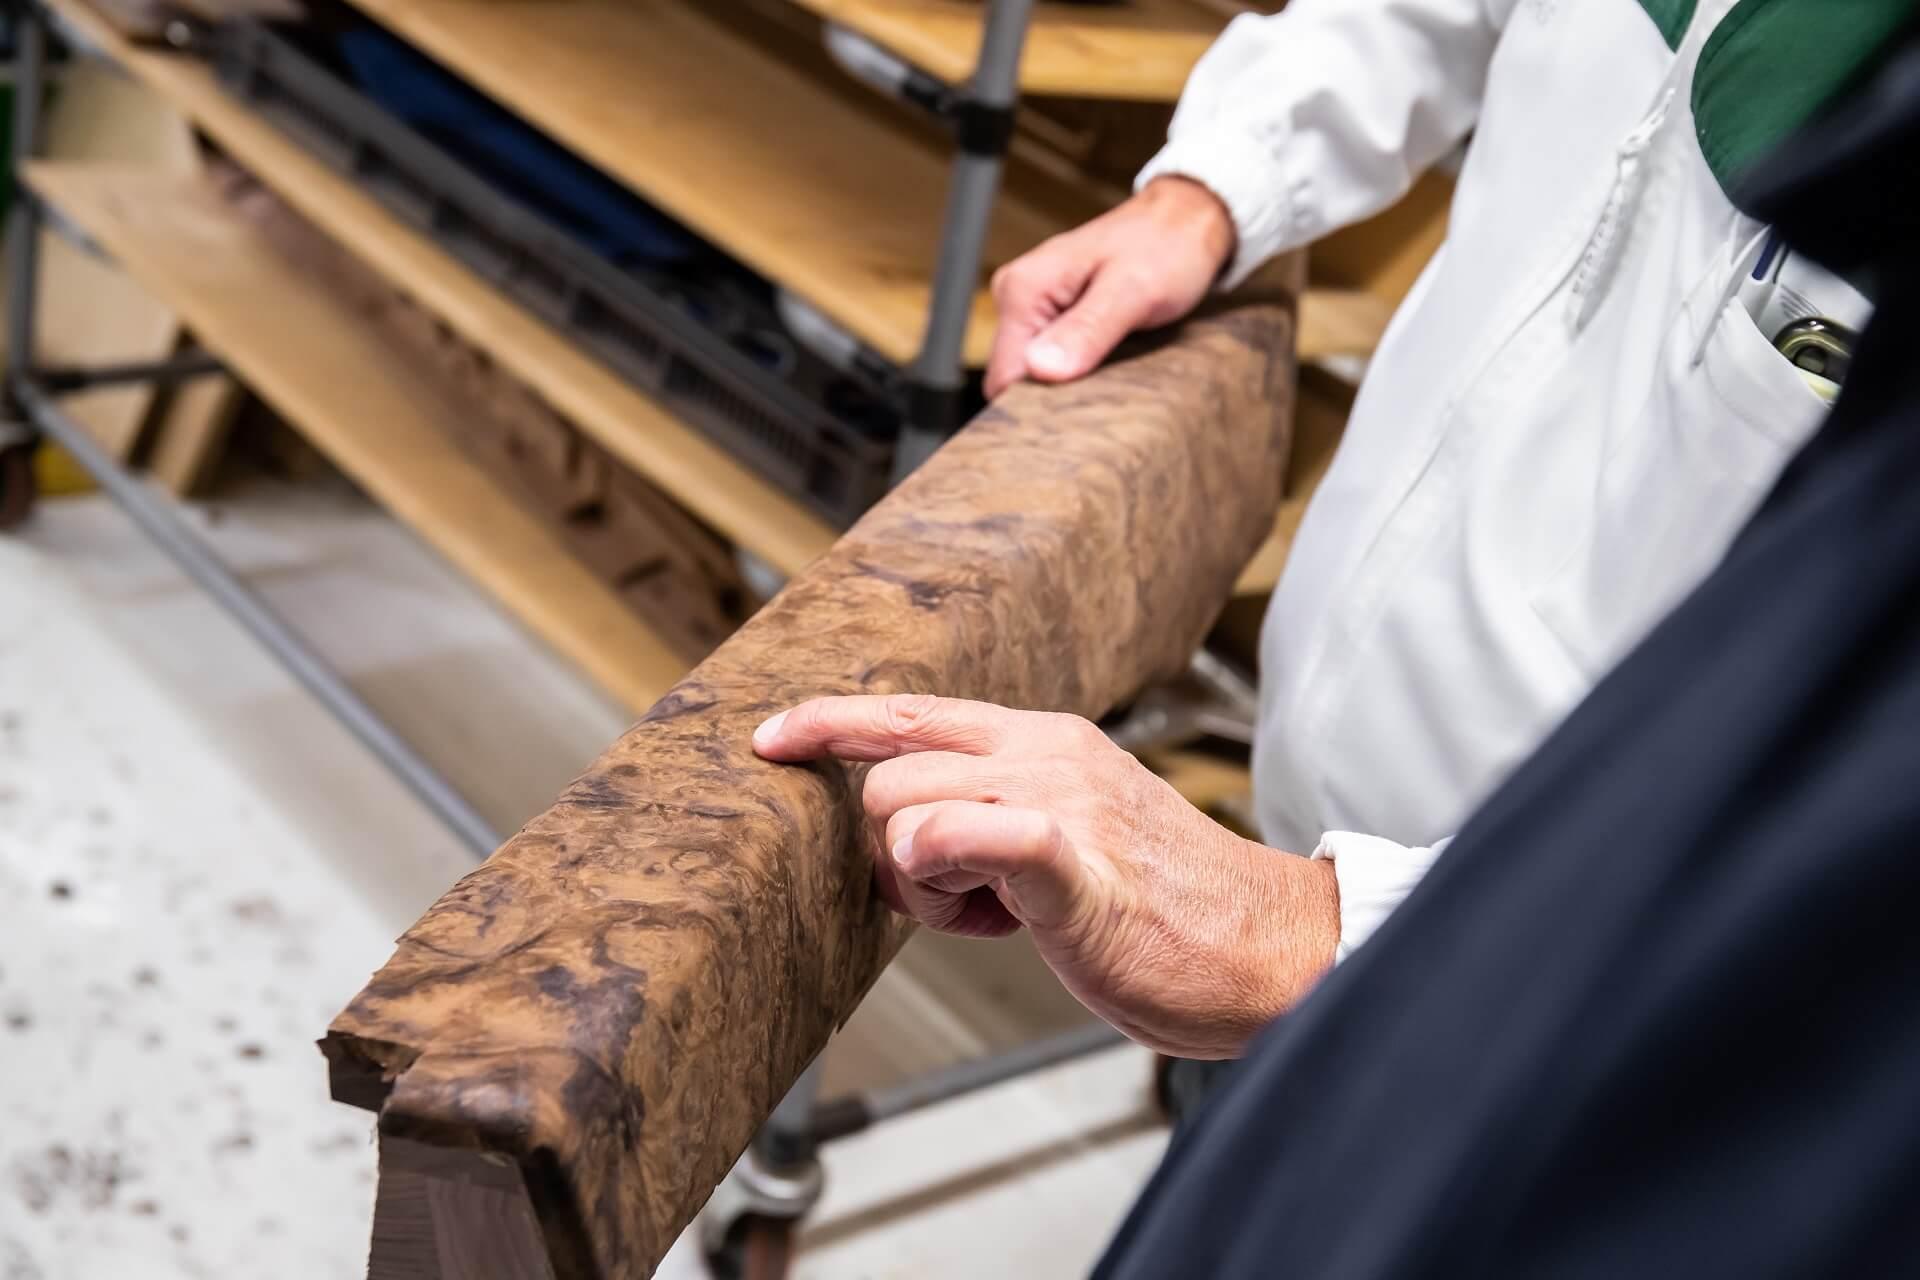 Κατασκευή Bentley Mulsanne - Η επιλογή του ξύλου με τις πιο συναρπαστικές μορφές